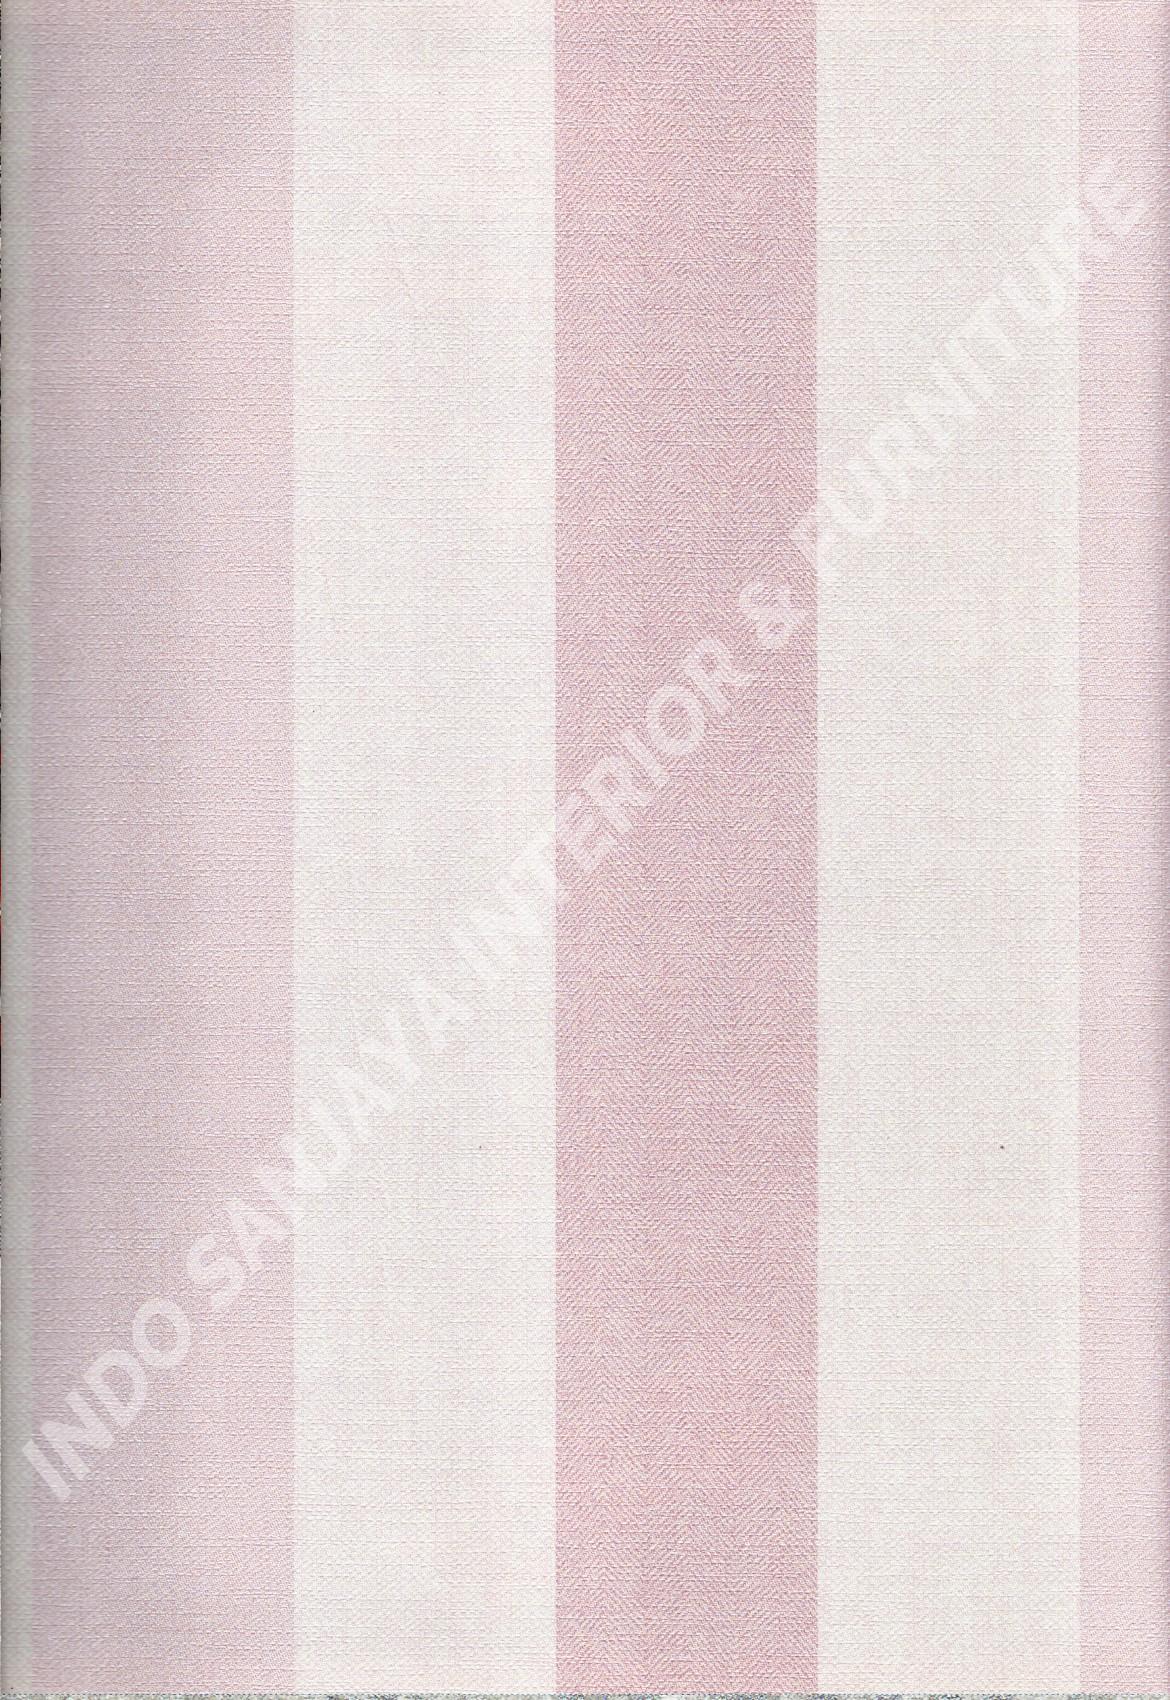 wallpaper   Wallpaper Garis GK007-1:GK007-1 corak  warna